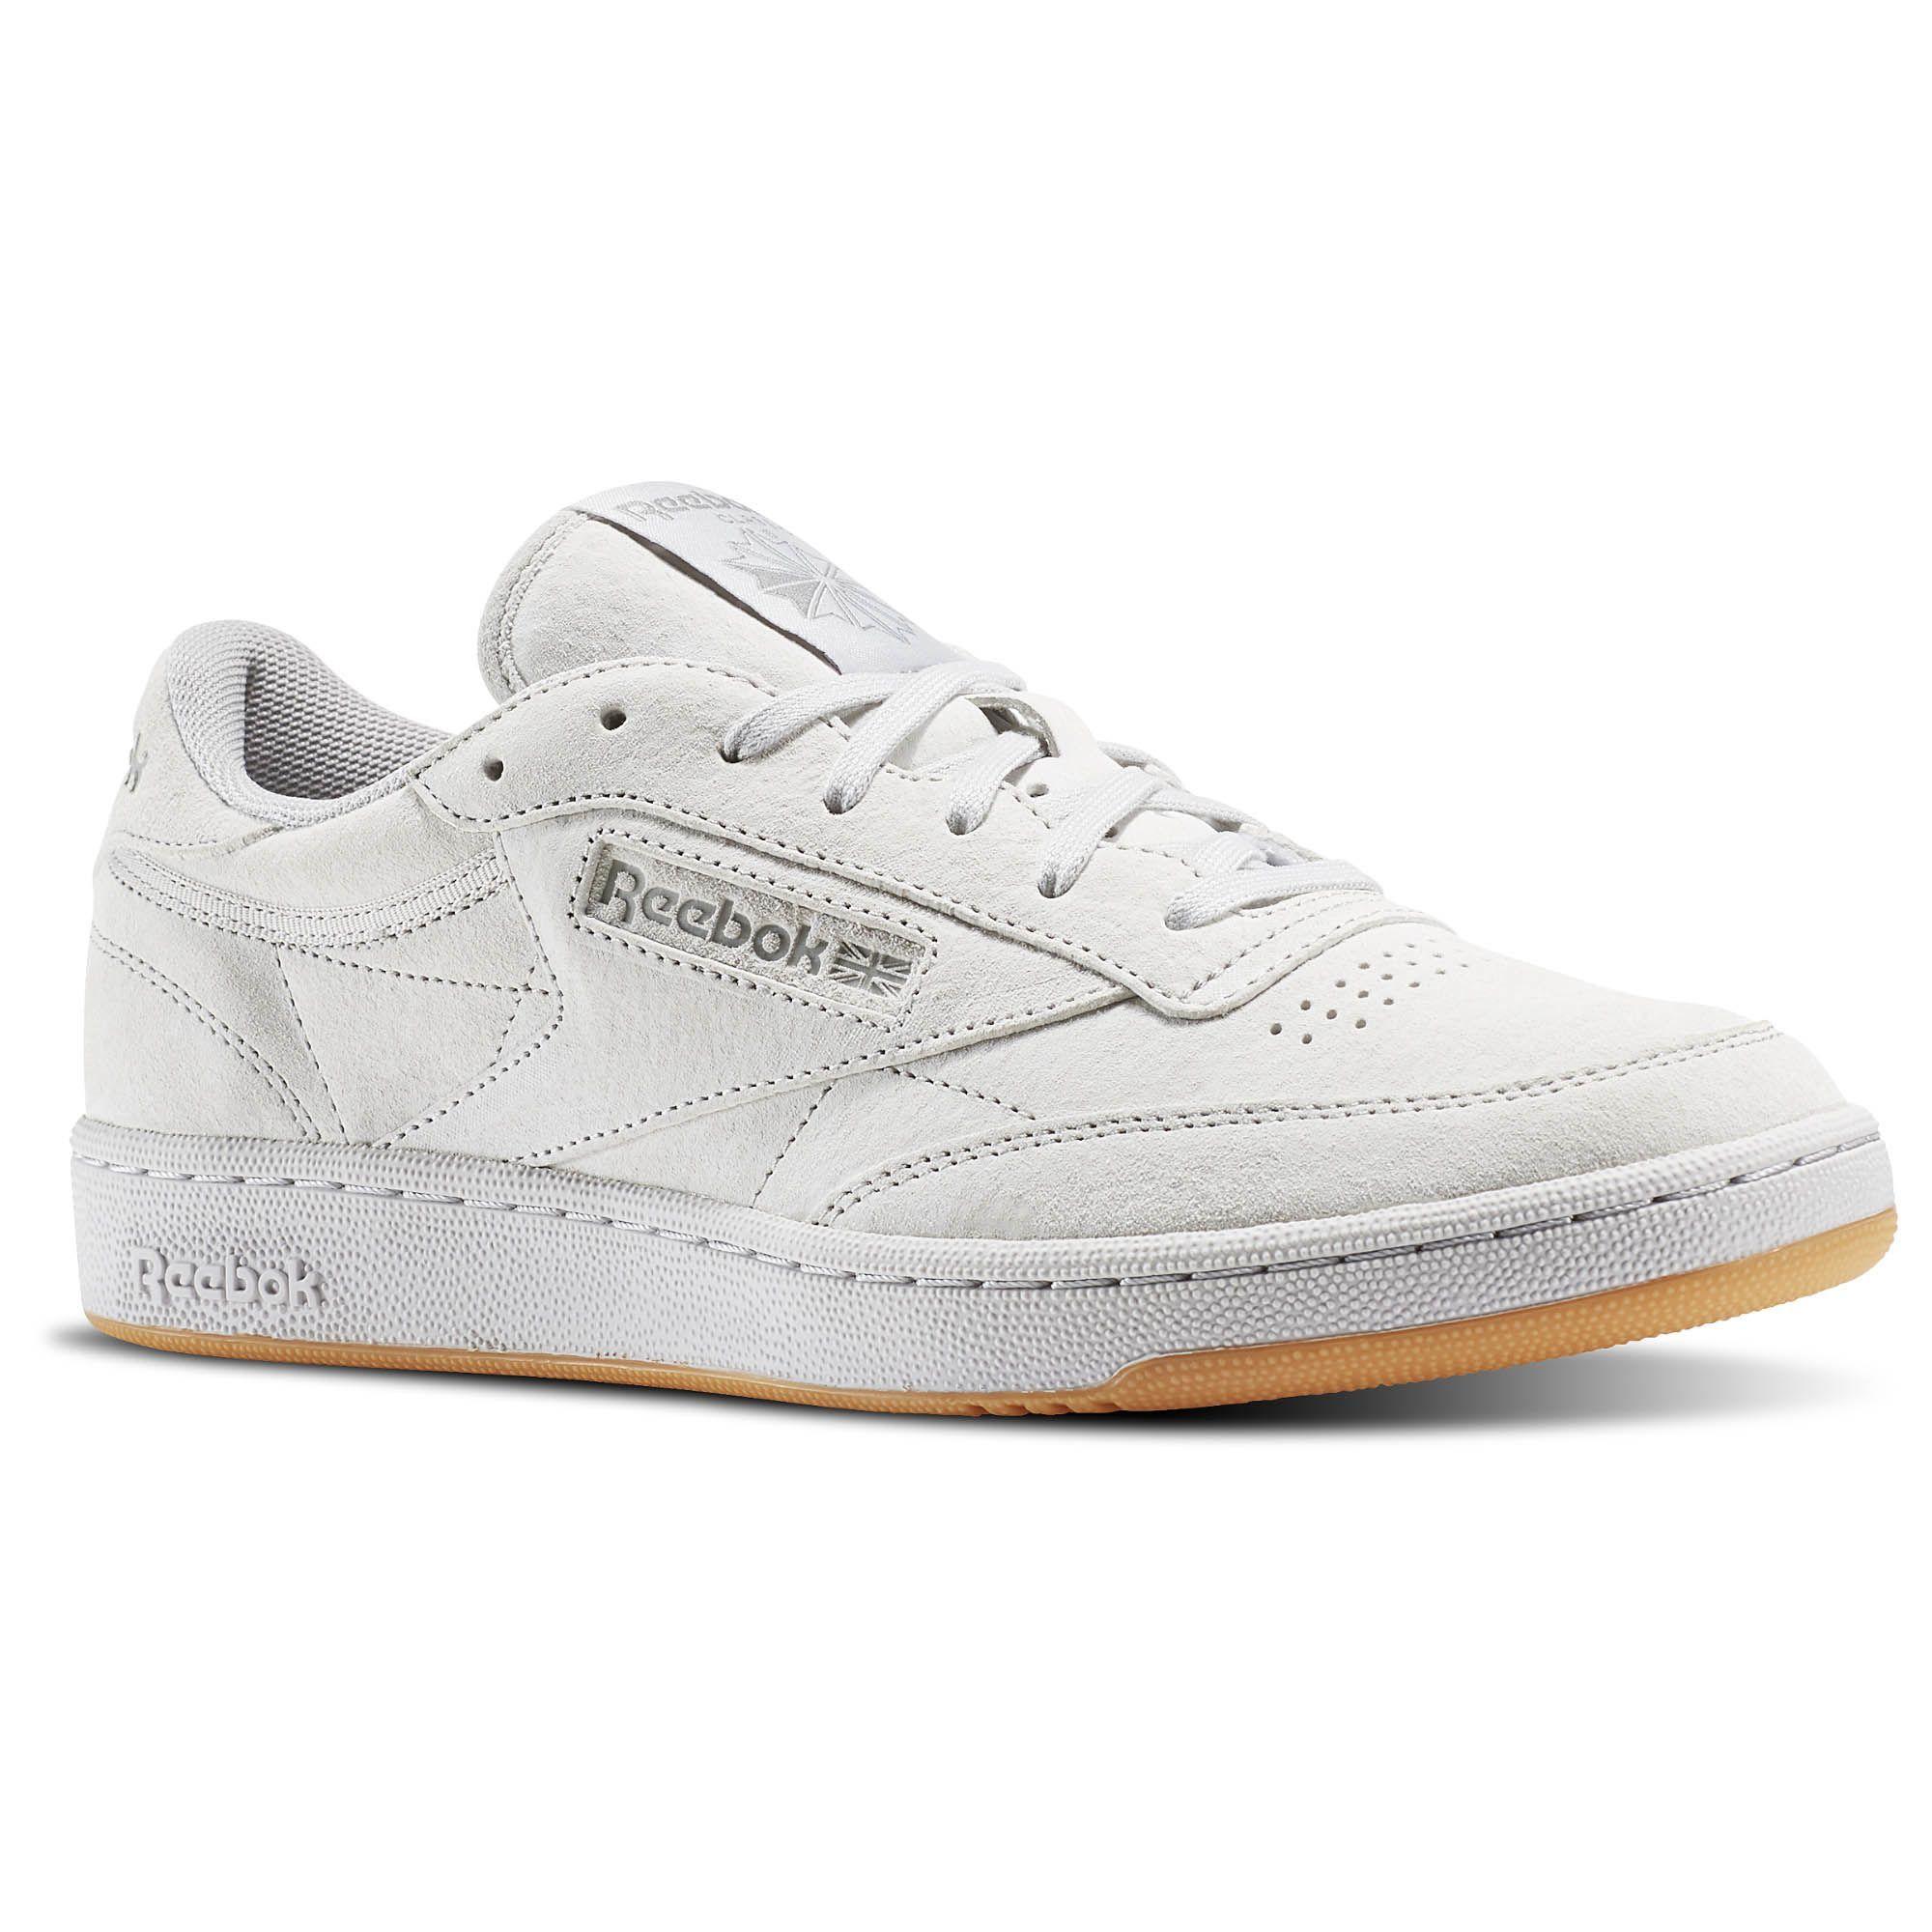 Reebok Club C 85 TG | Sneakers, Basket homme, Reebok classic